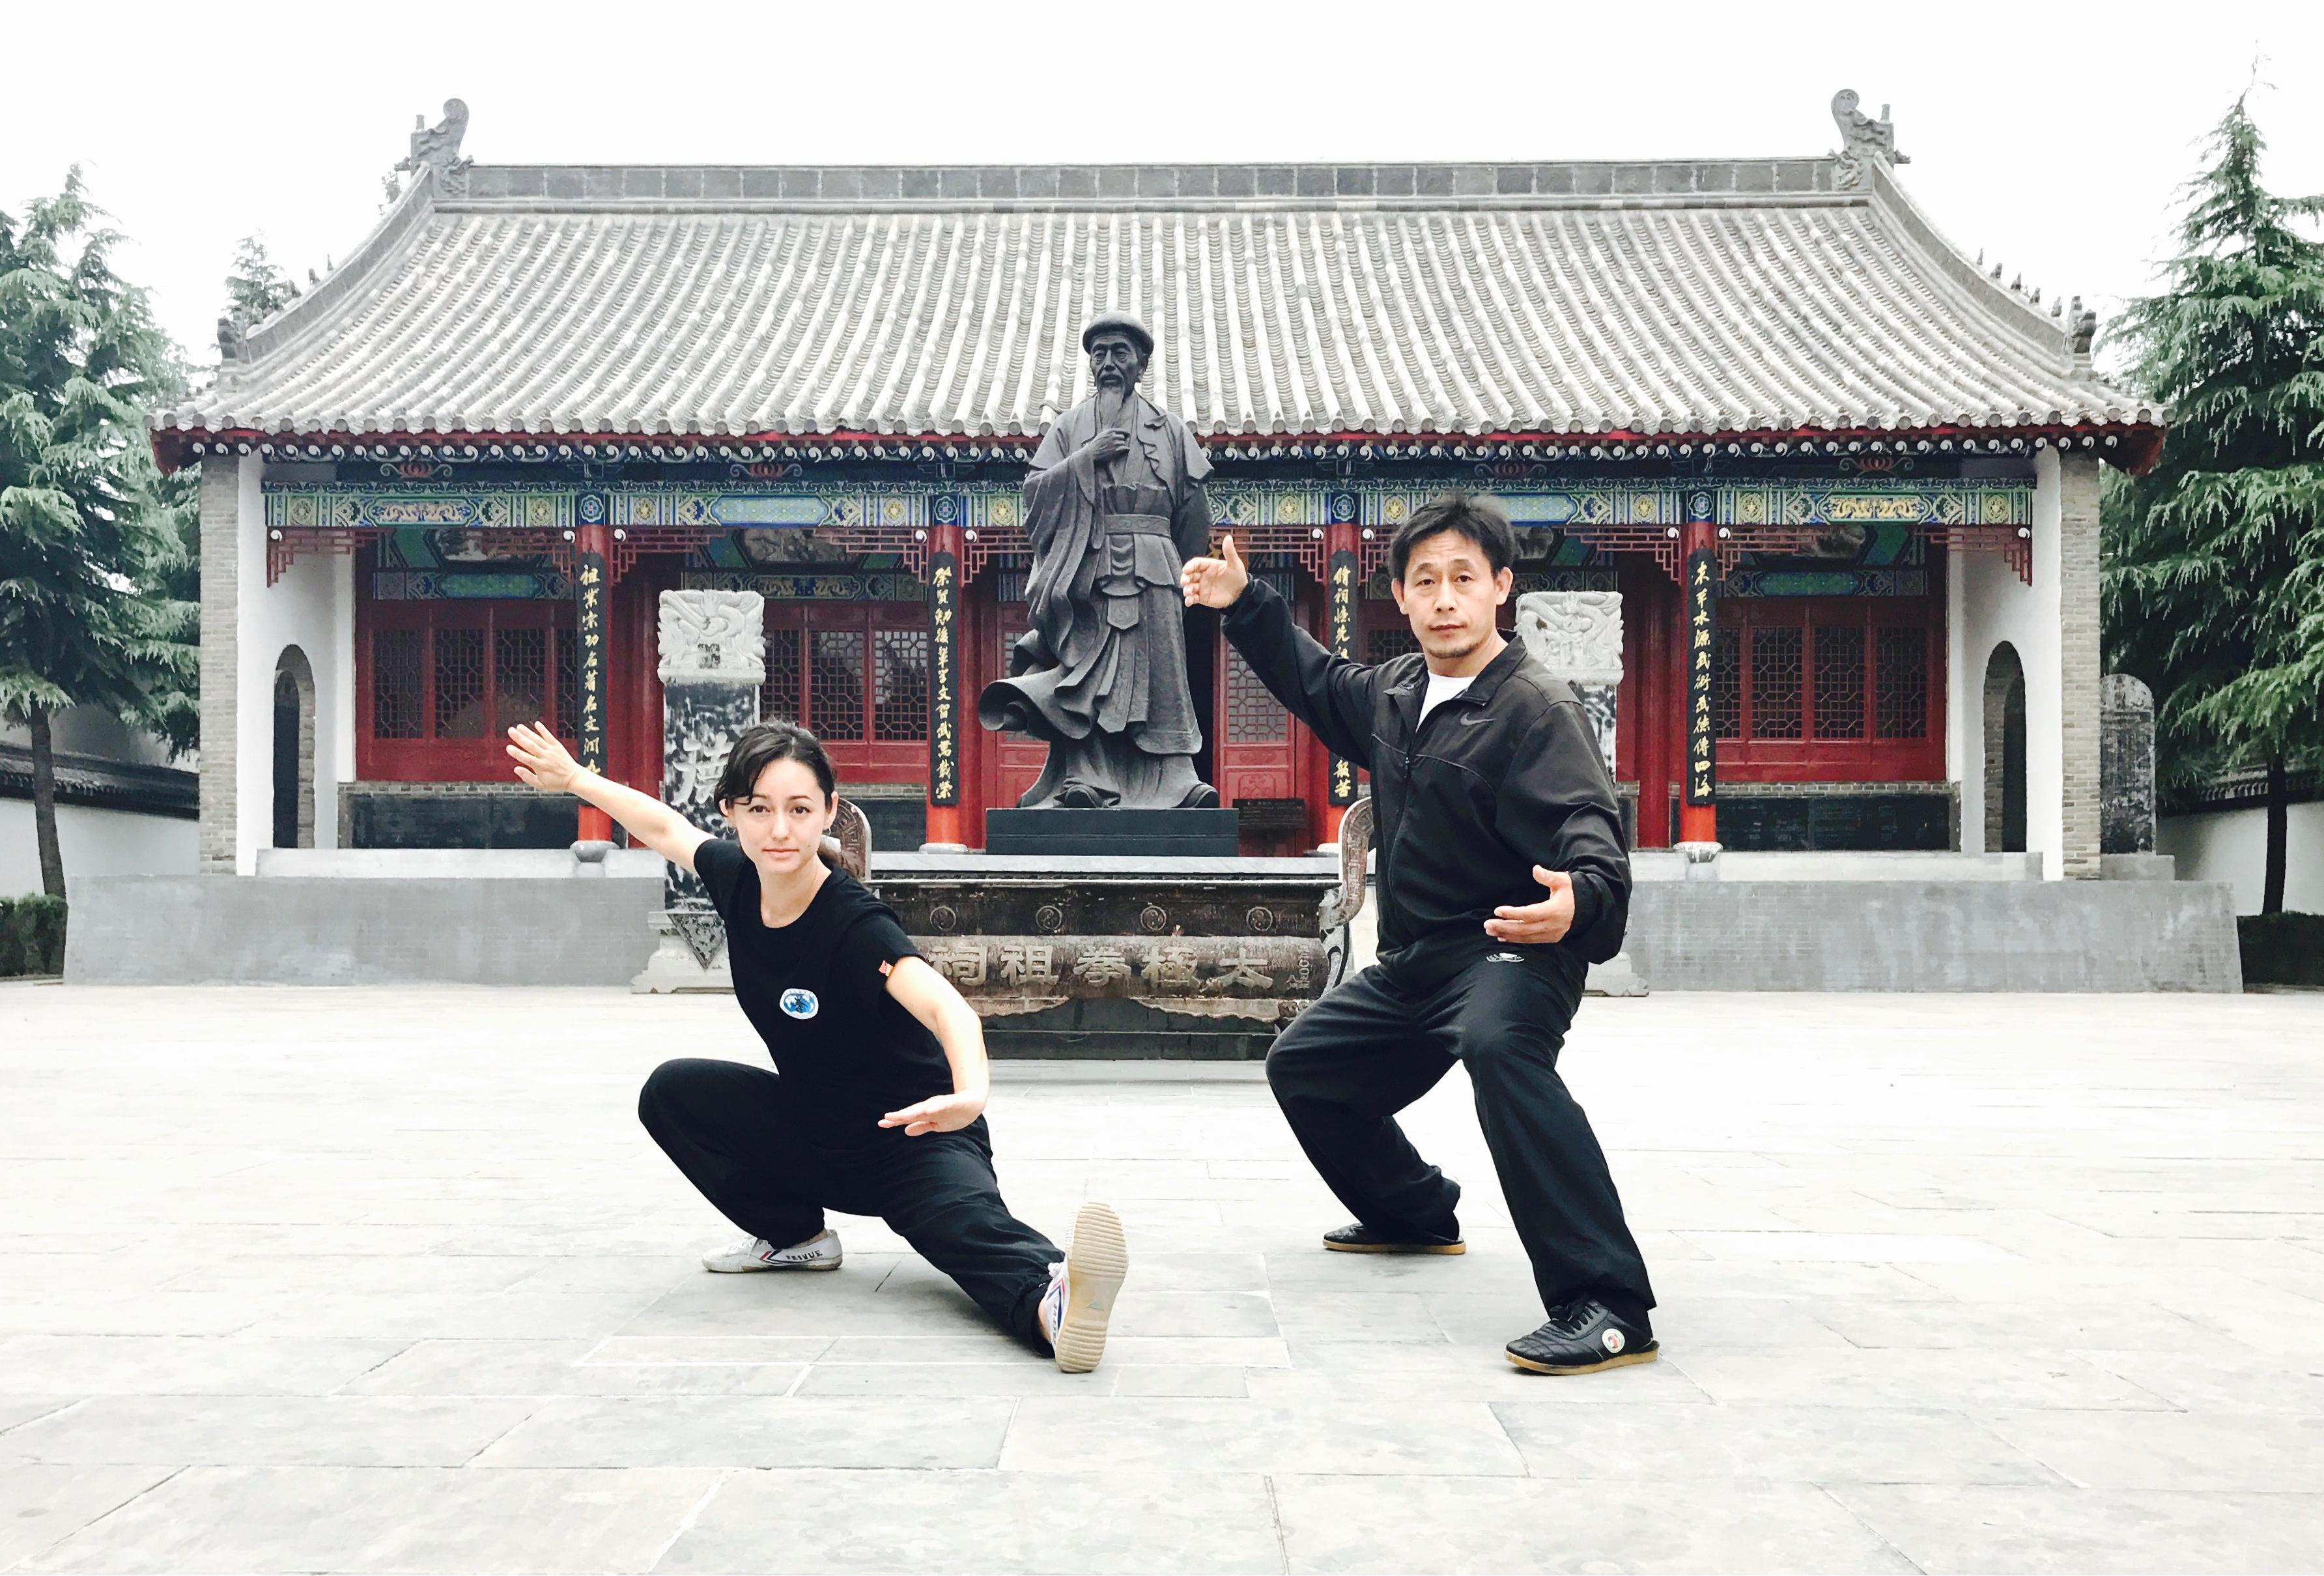 Traditional Chen Style Tai Chi by Alicia McGrann